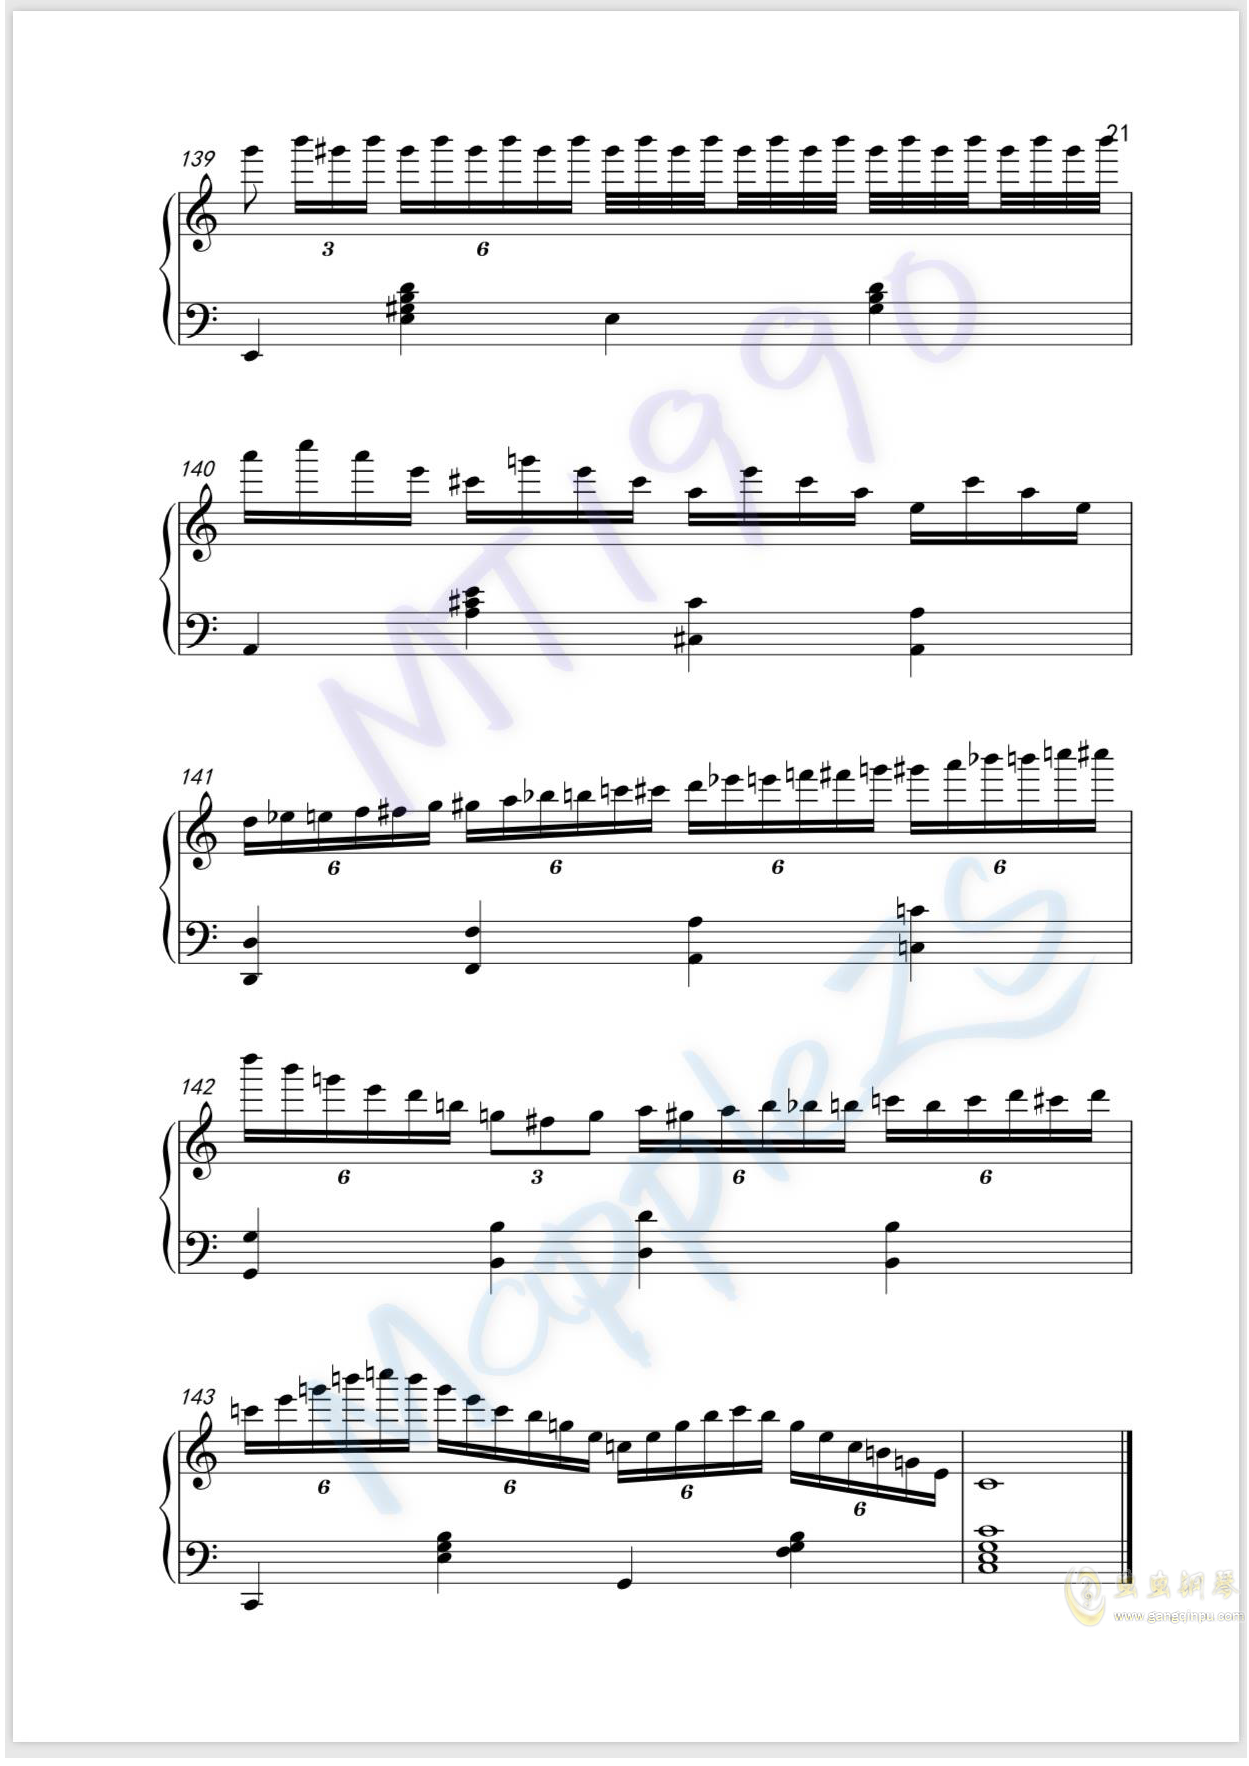 流光练习曲钢琴谱 第21页